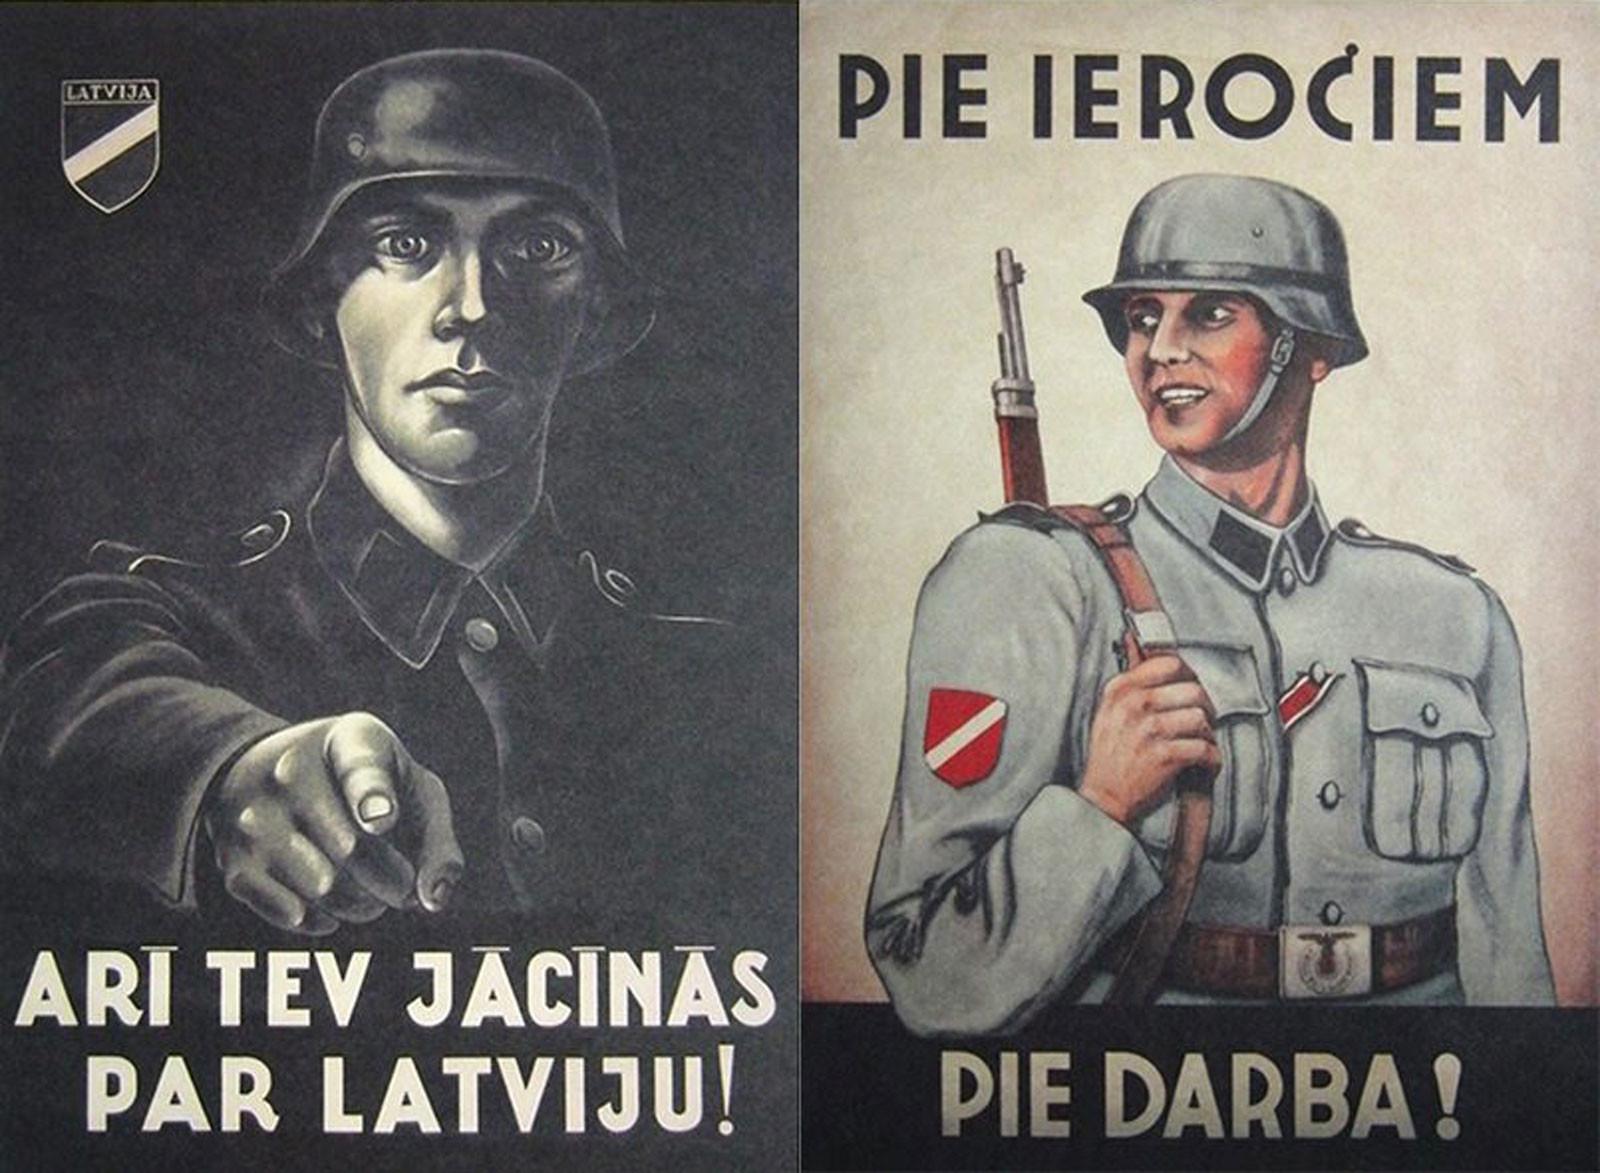 """Слева плакат """"Ты тоже должен бороться за Латвию"""", призывающий вступить в Латышский легион СС. Справа — """"К оружию! За работу!"""" Фото © rubaltic.ru"""